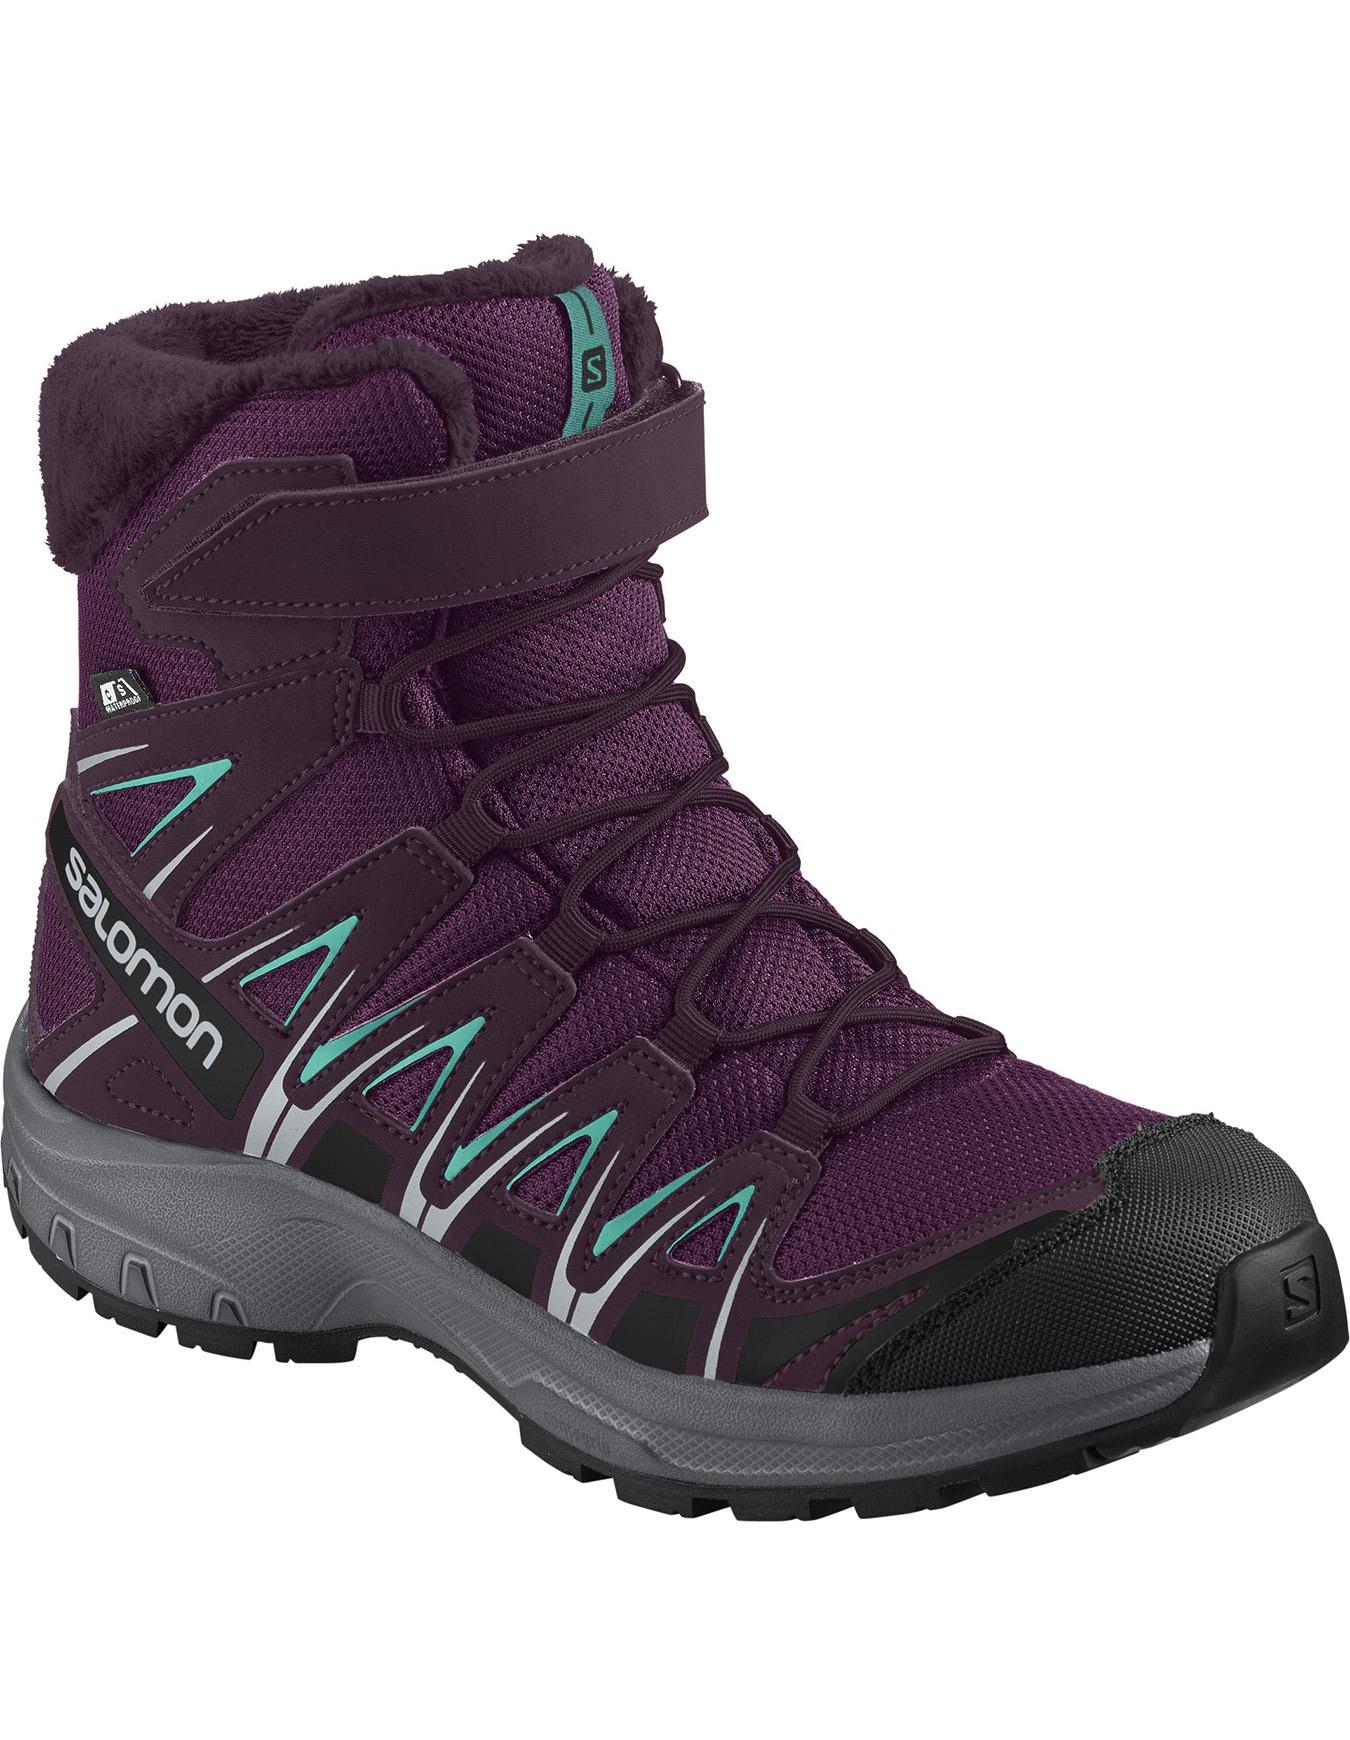 Trail Running Trail SALOMON XA Pro 3D Winter TS CSWP J